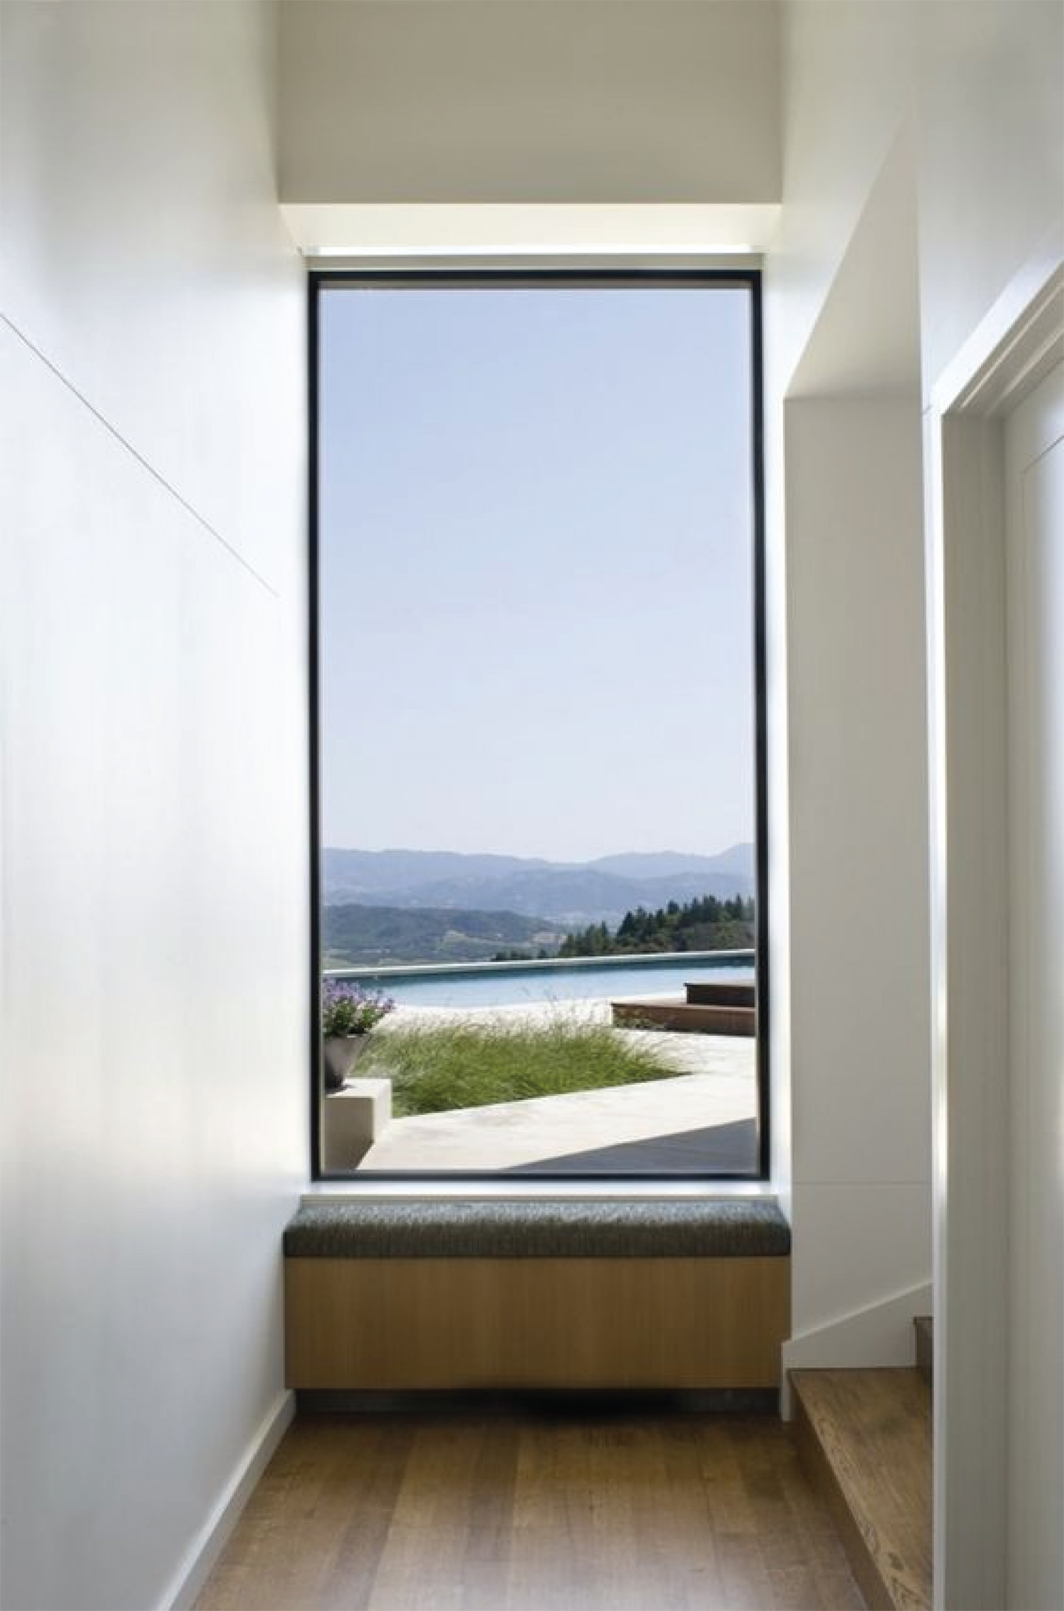 Modern Architecture Hallway Picture Window